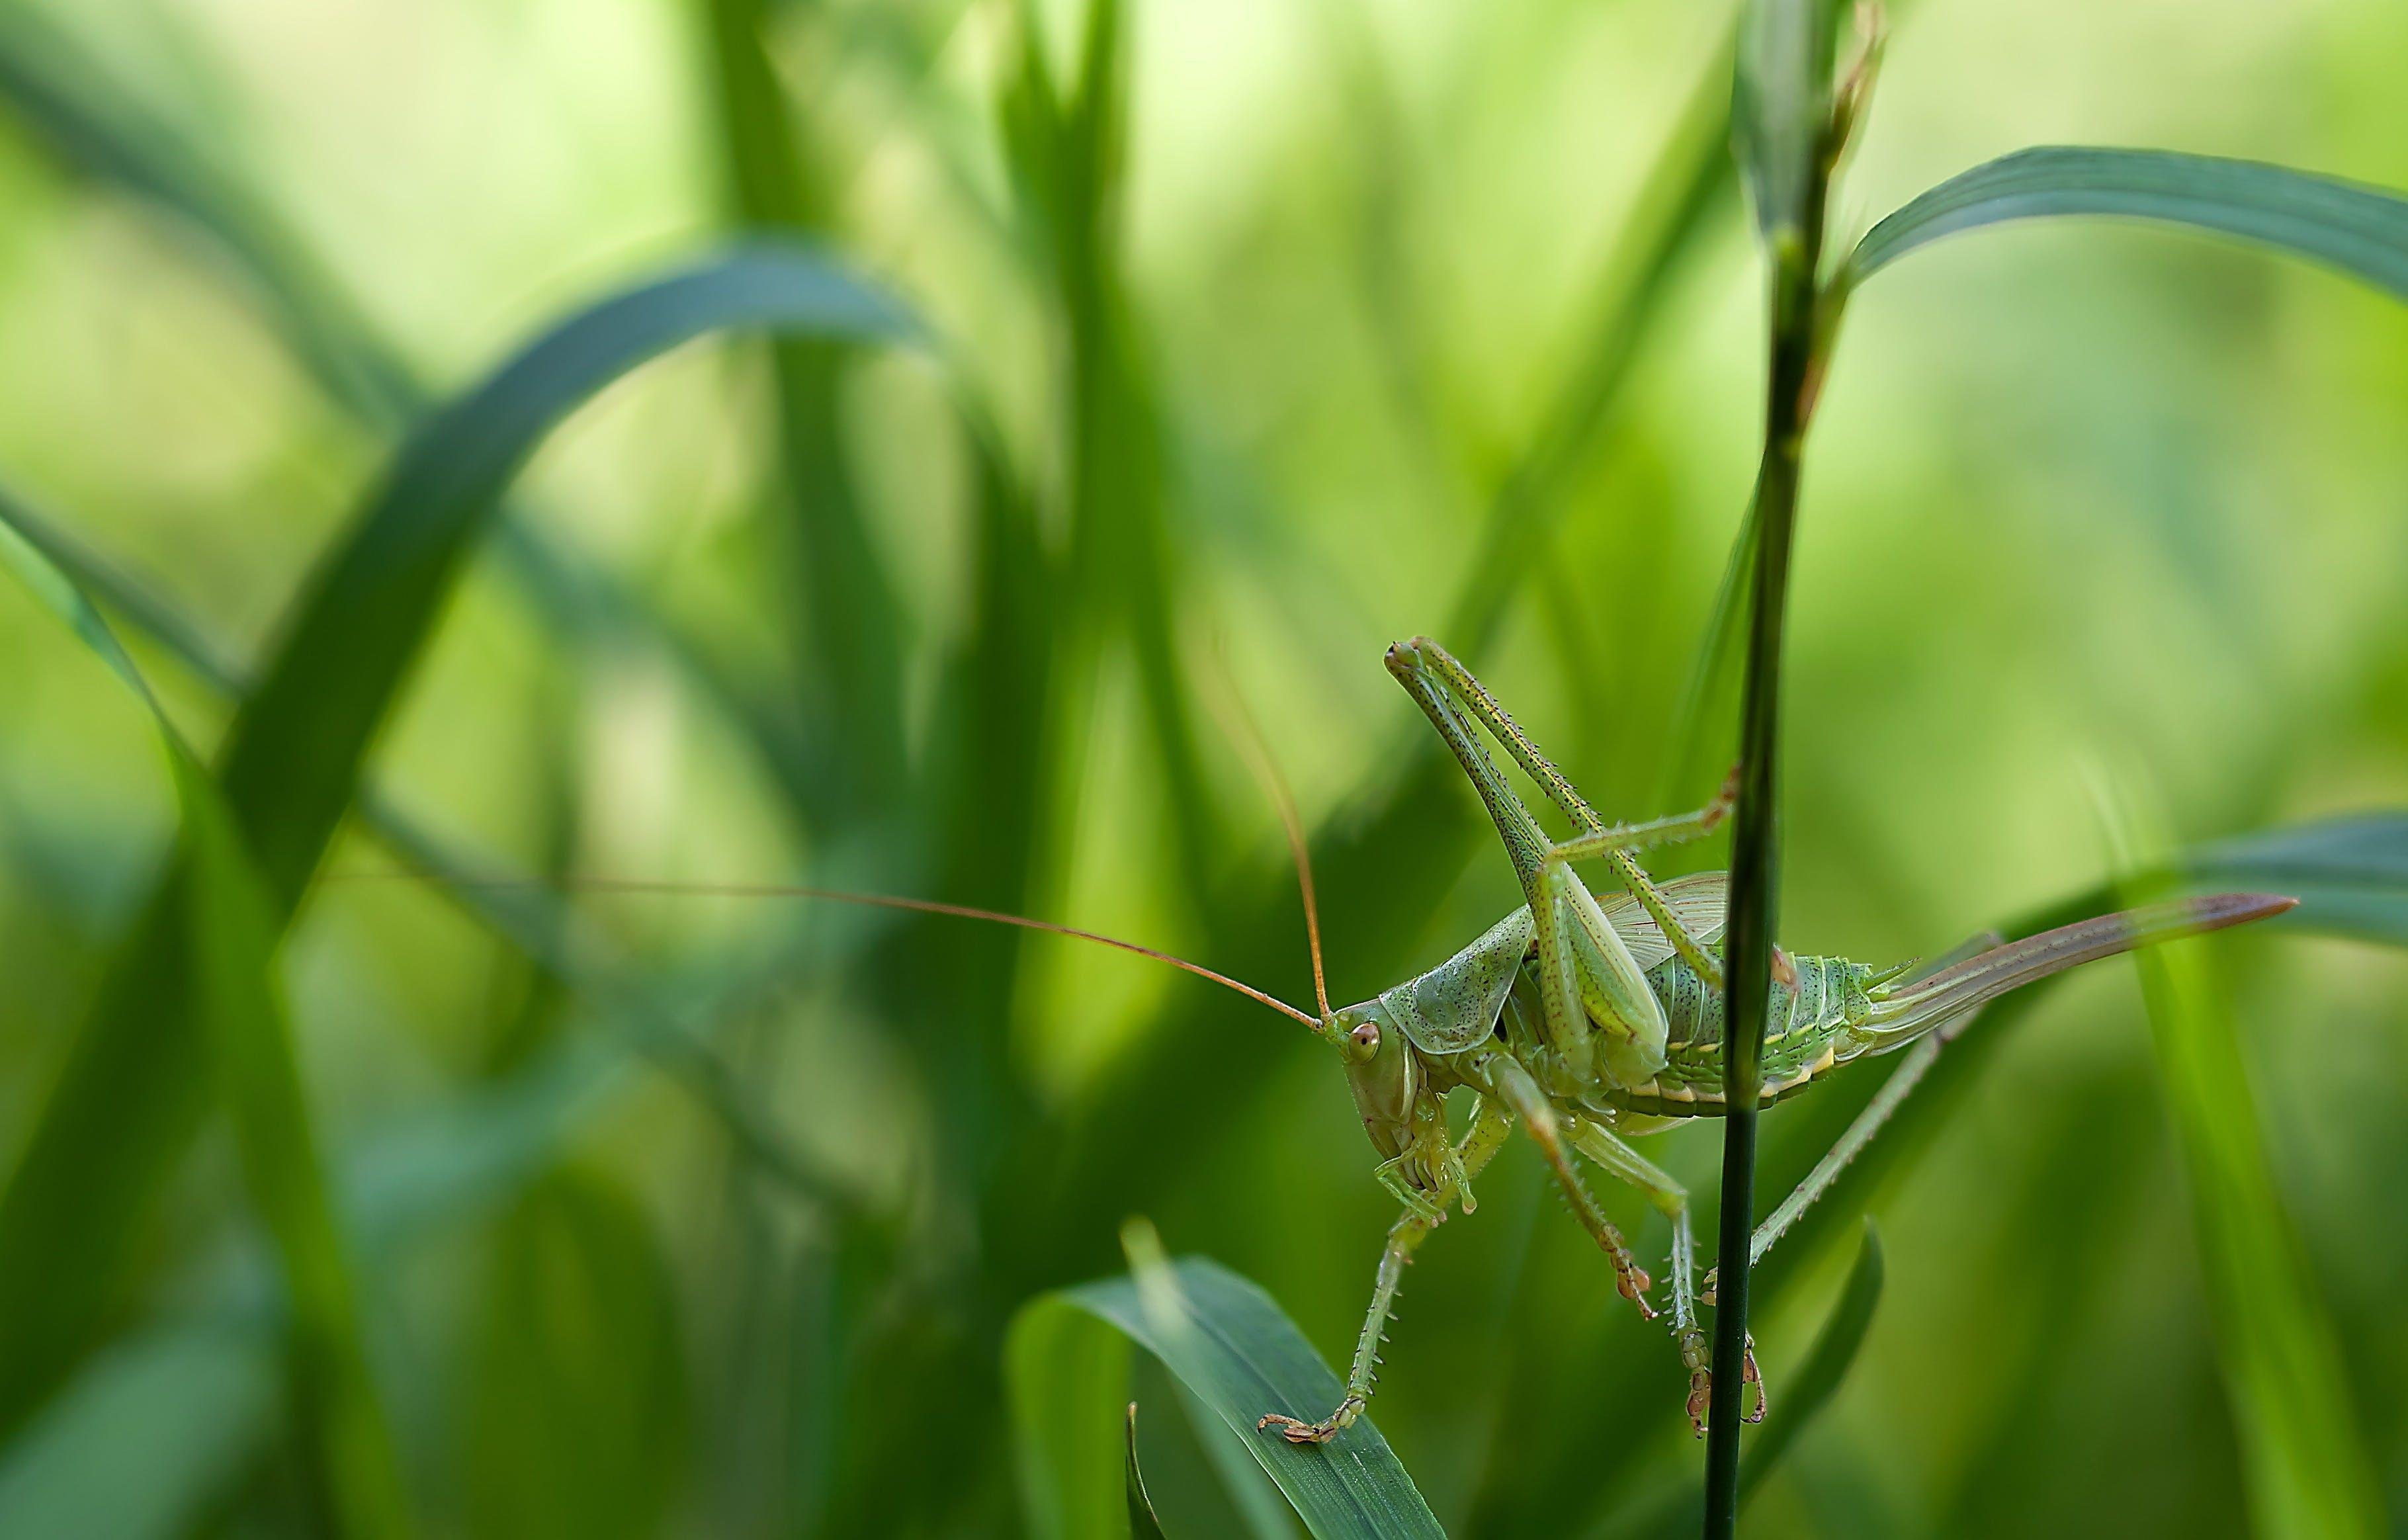 Green Grass Hopper on Green Leaf Grass